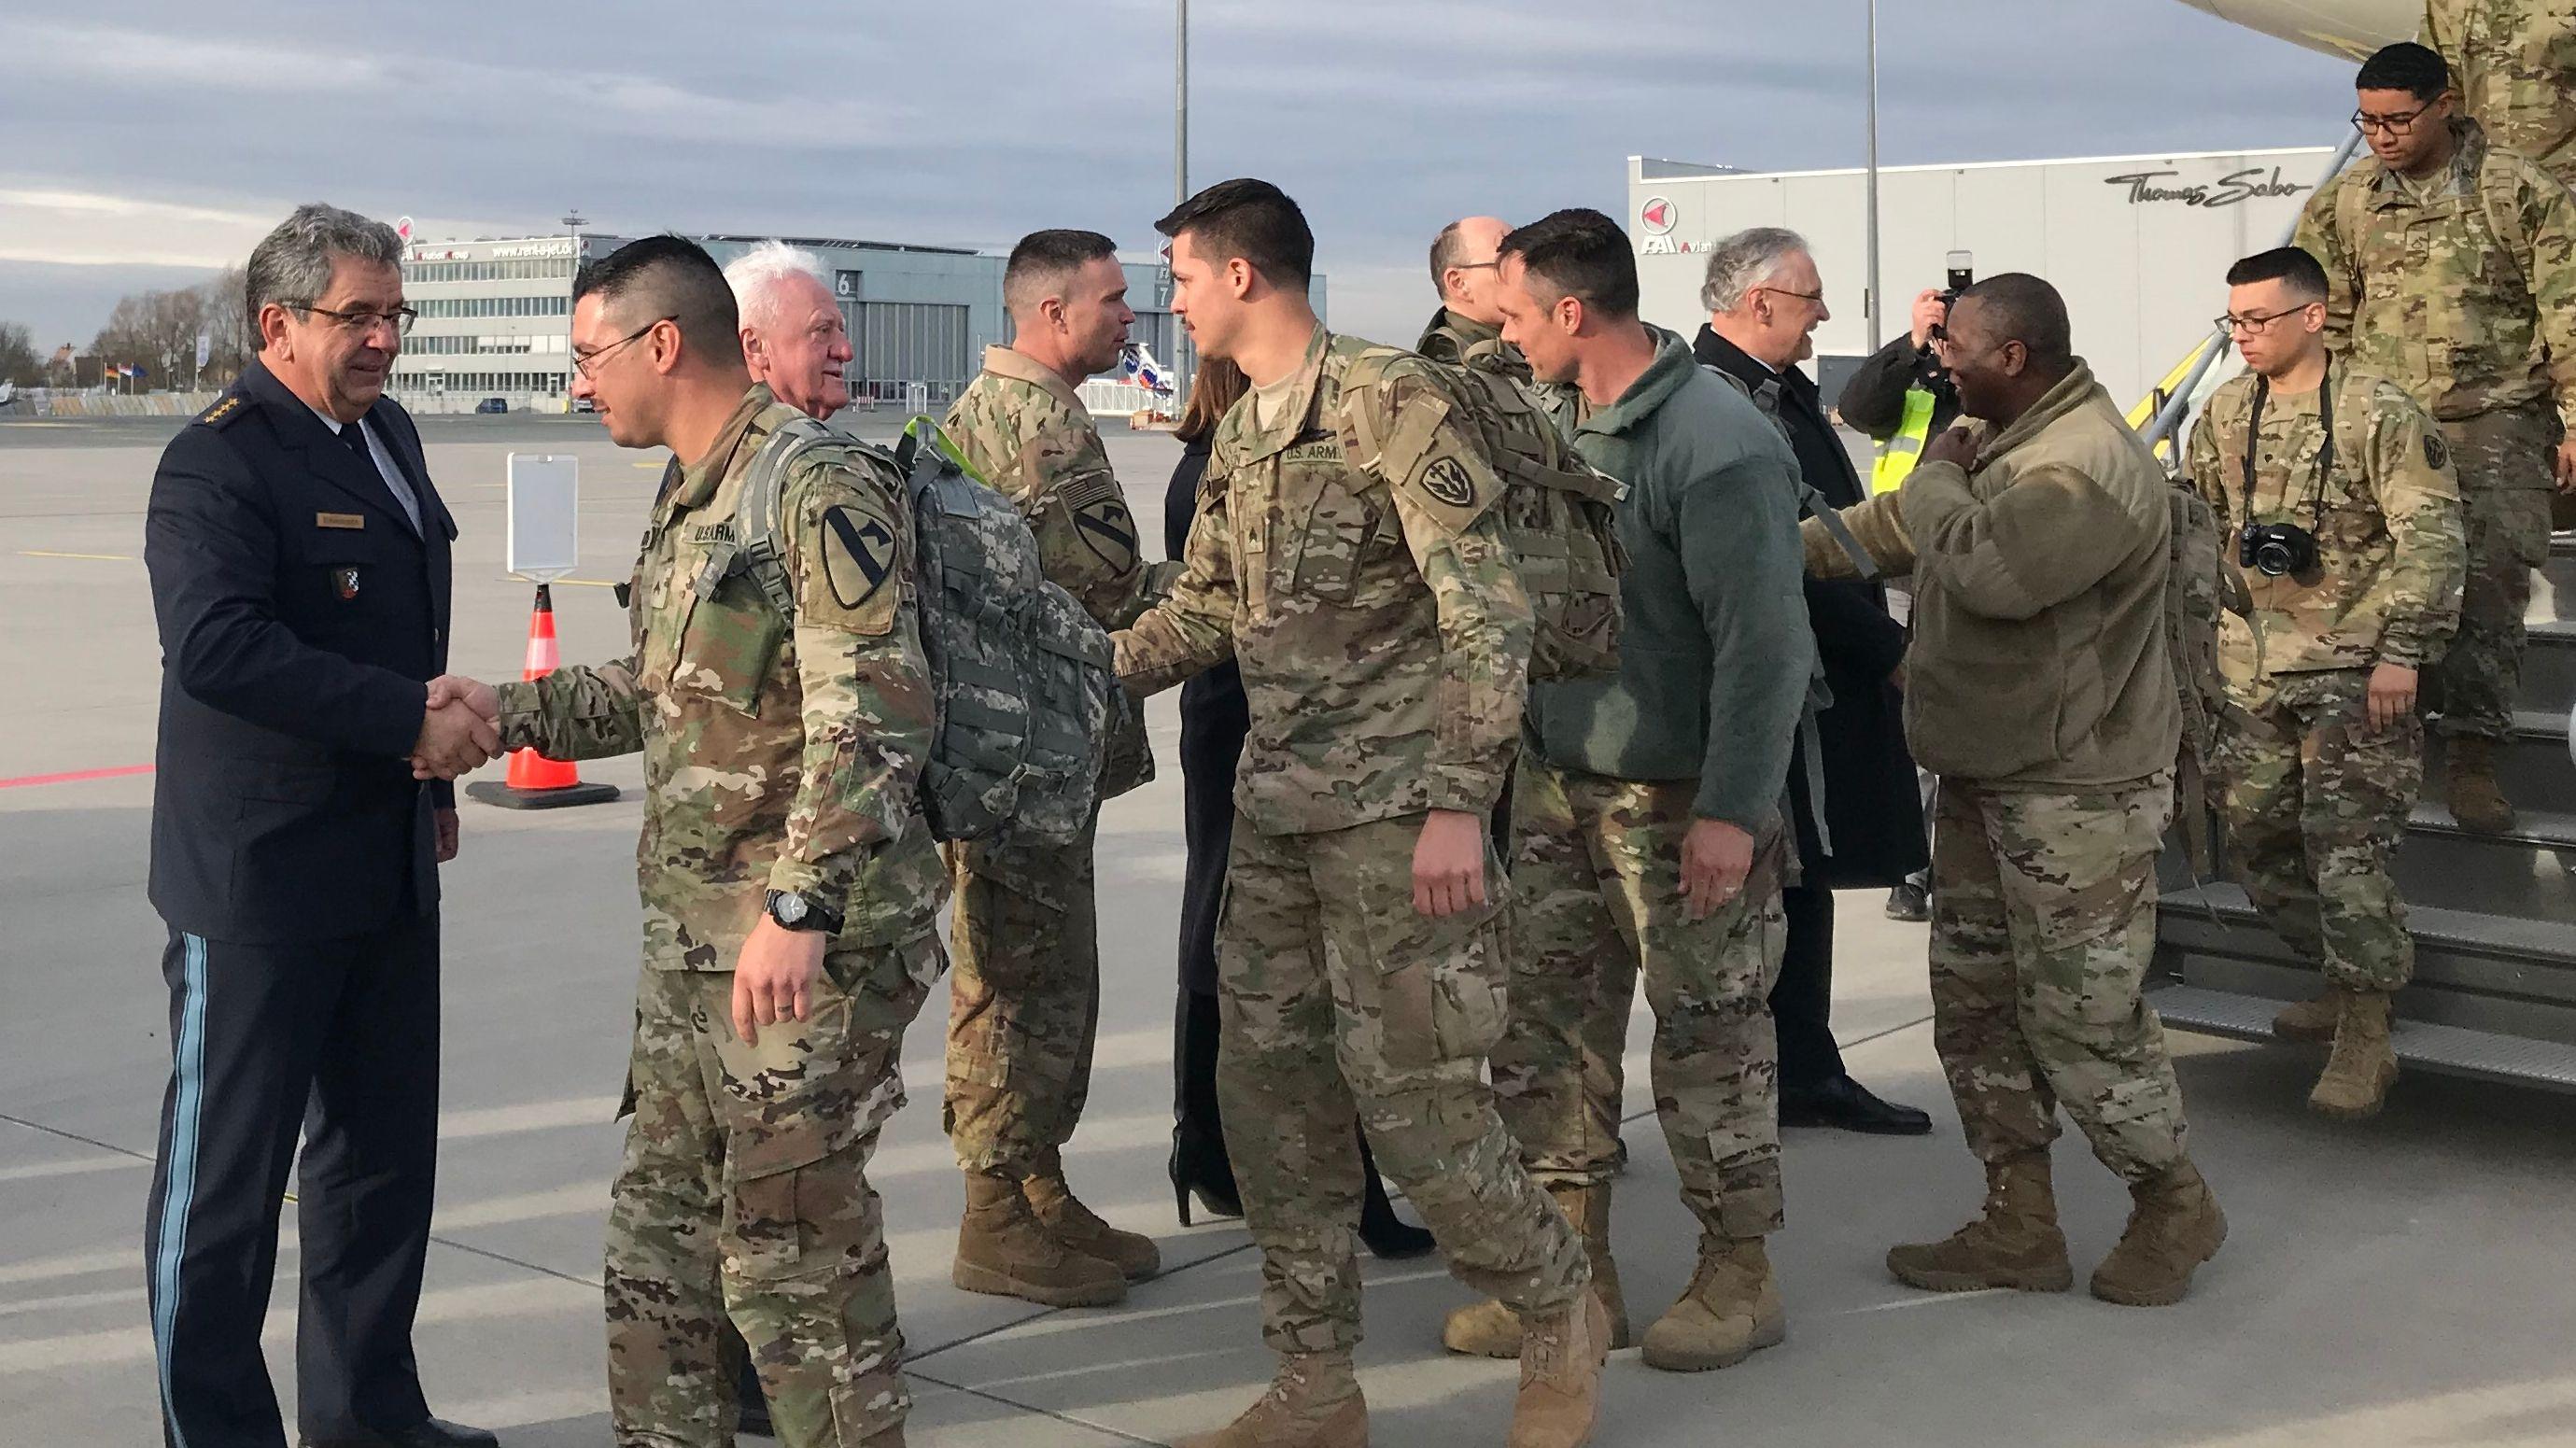 US-Soldaten werden in Nürnberg begrüßt